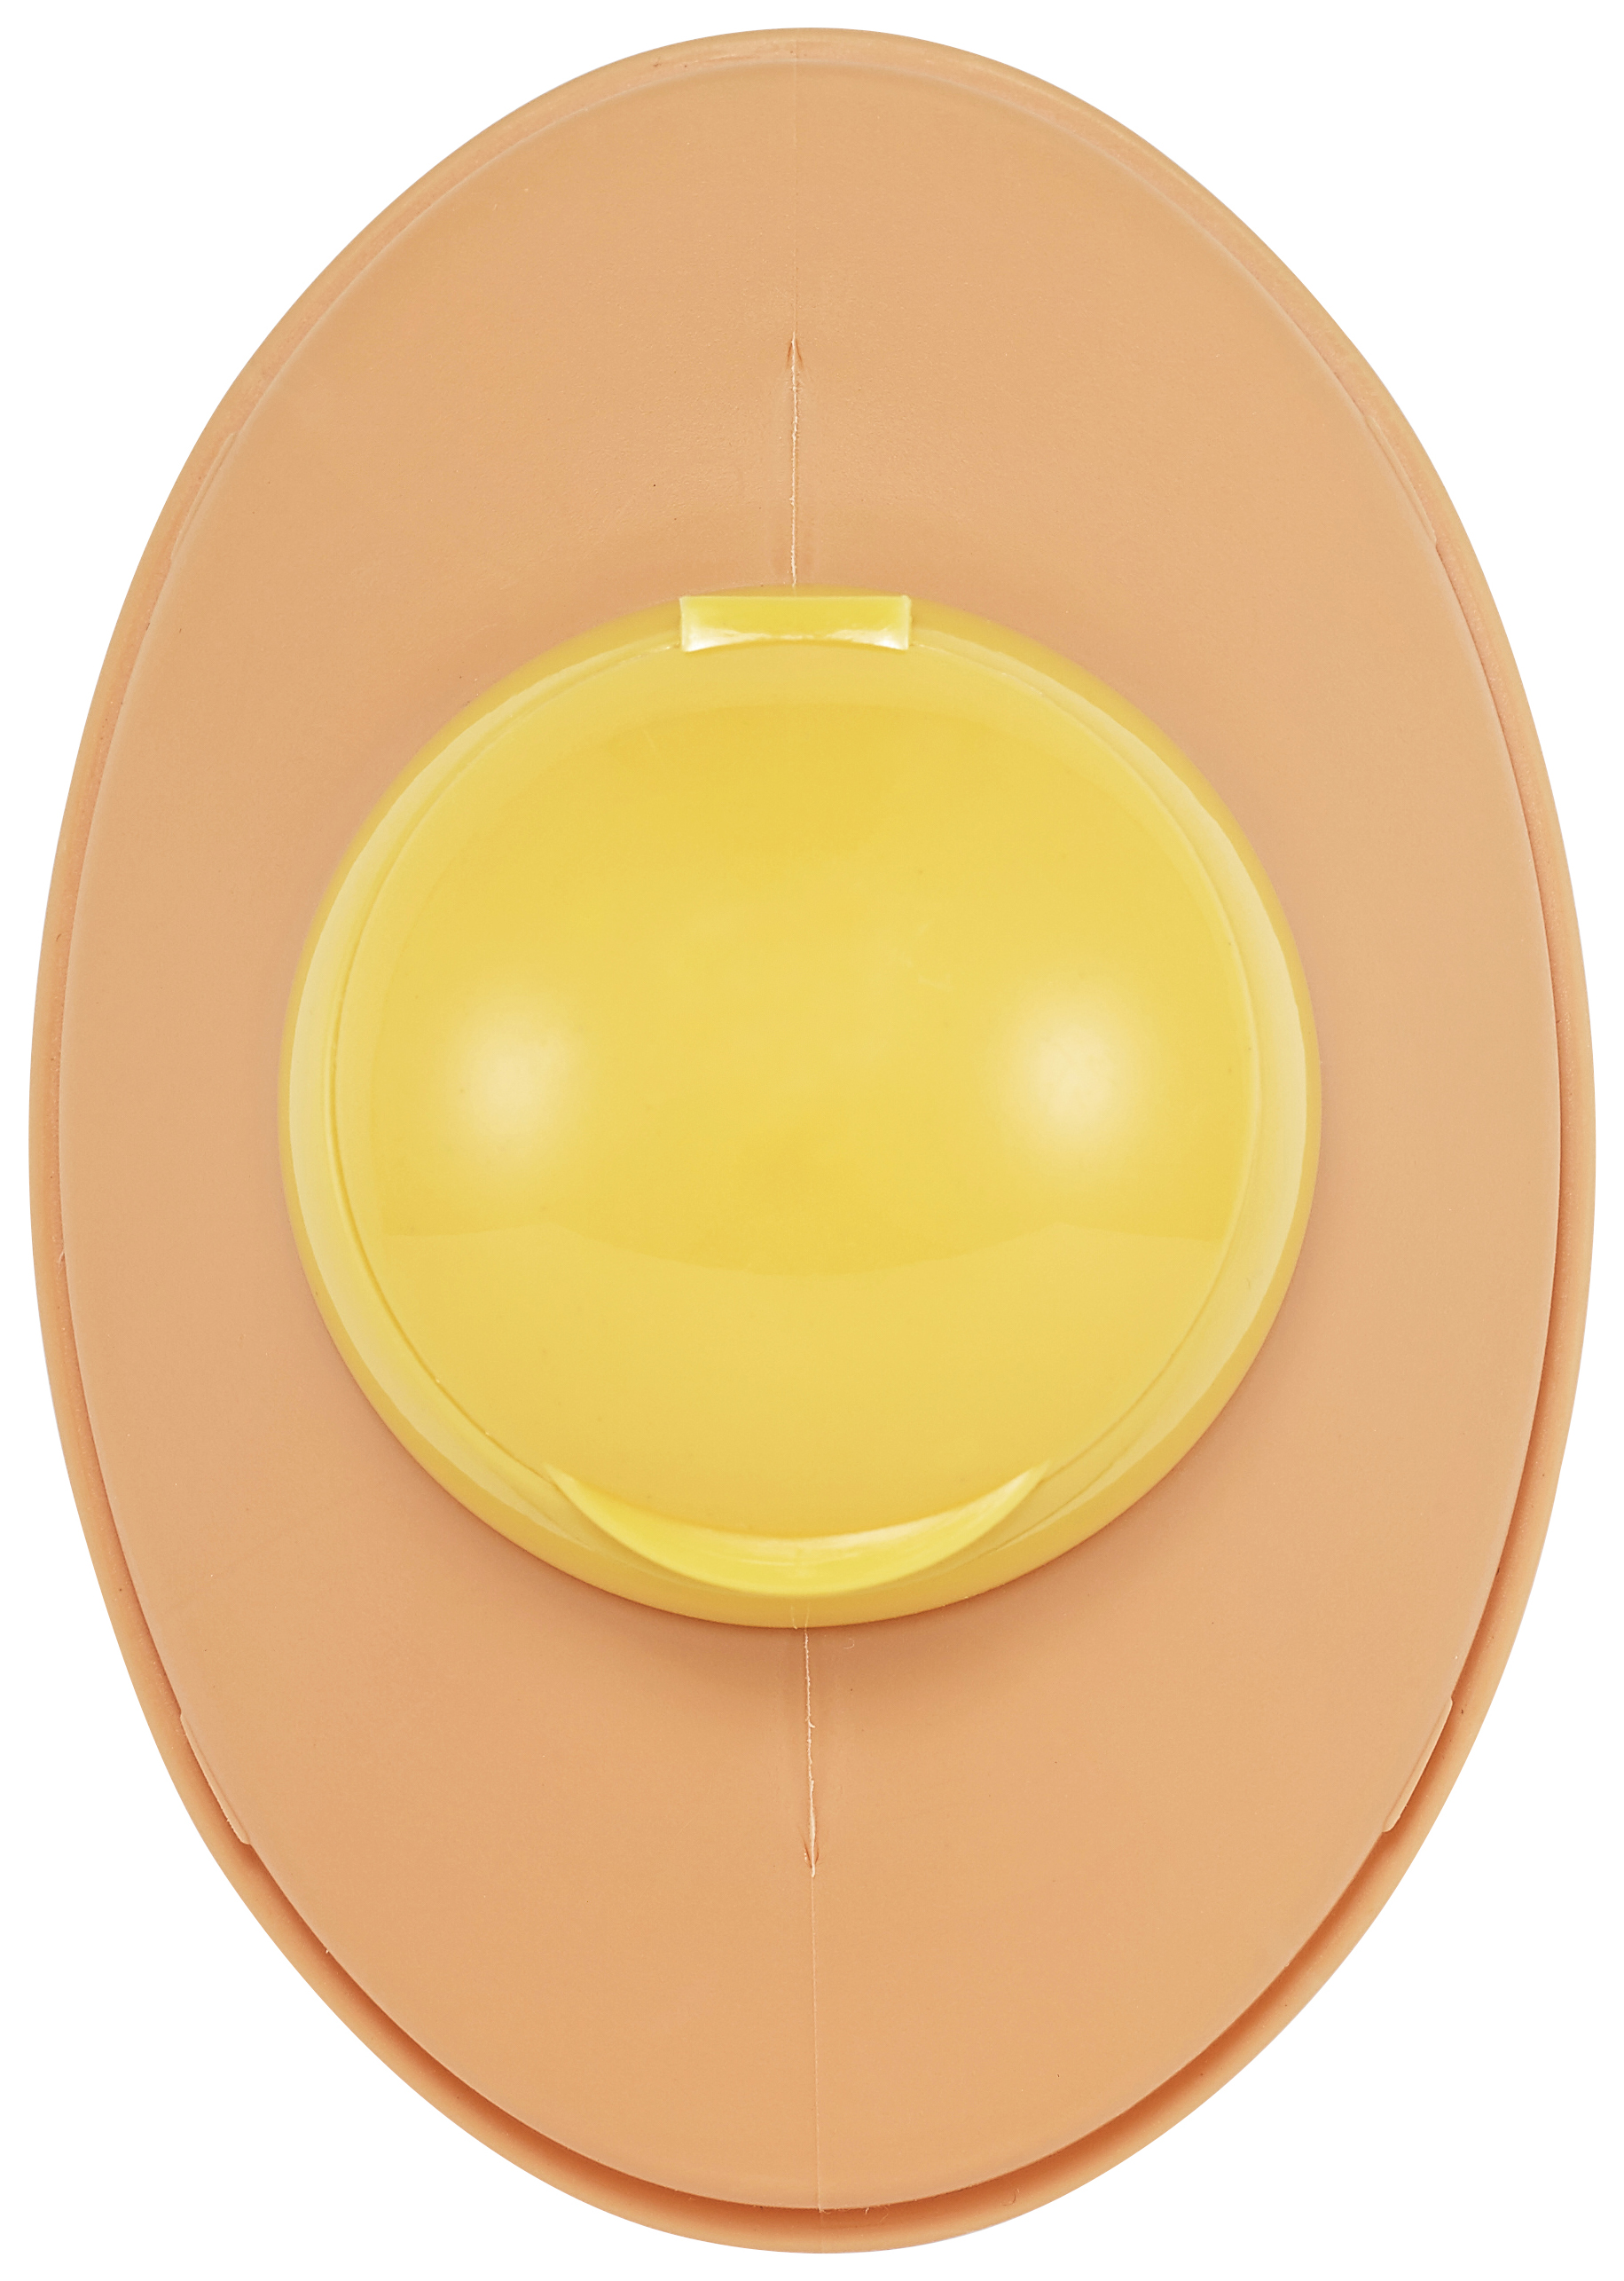 Средство для умывания Holika Holika Sleek Egg Skin Cleansing Foam 140 мл фото